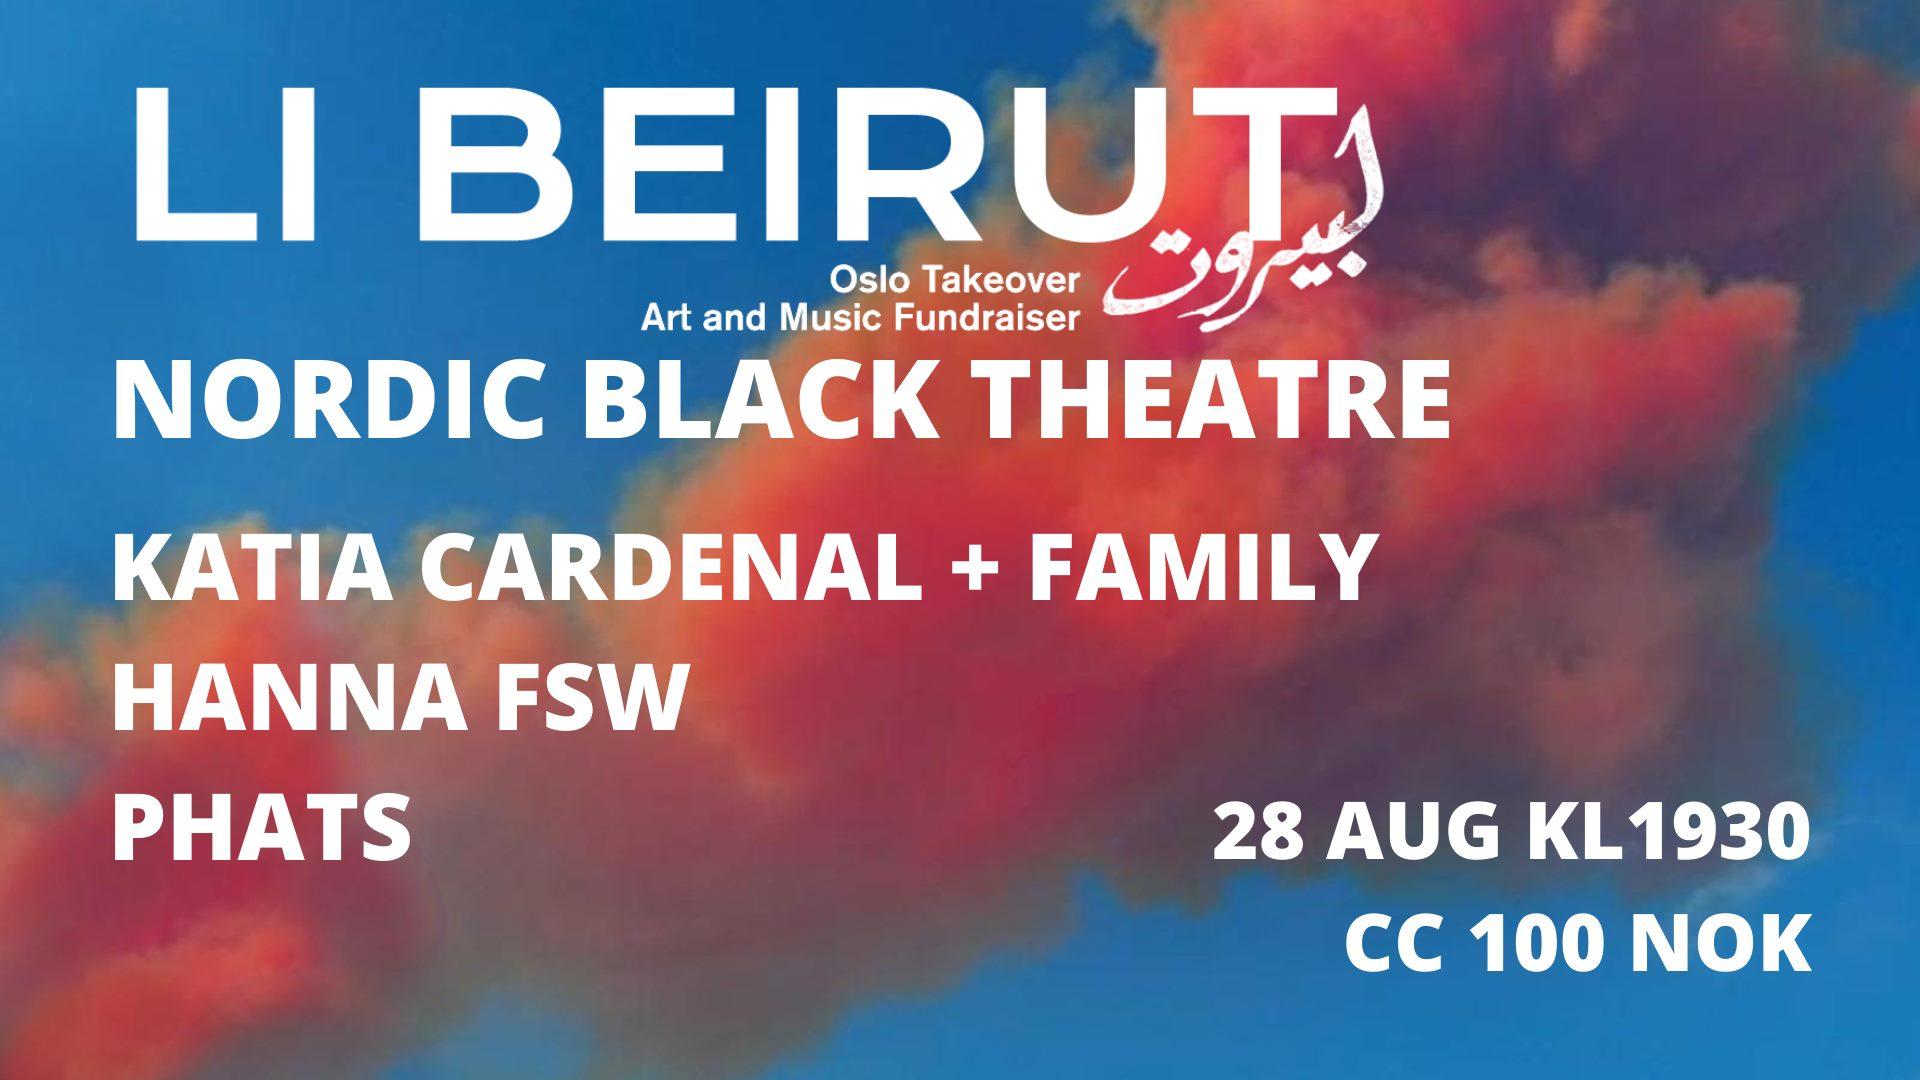 Beirut_fundraiser